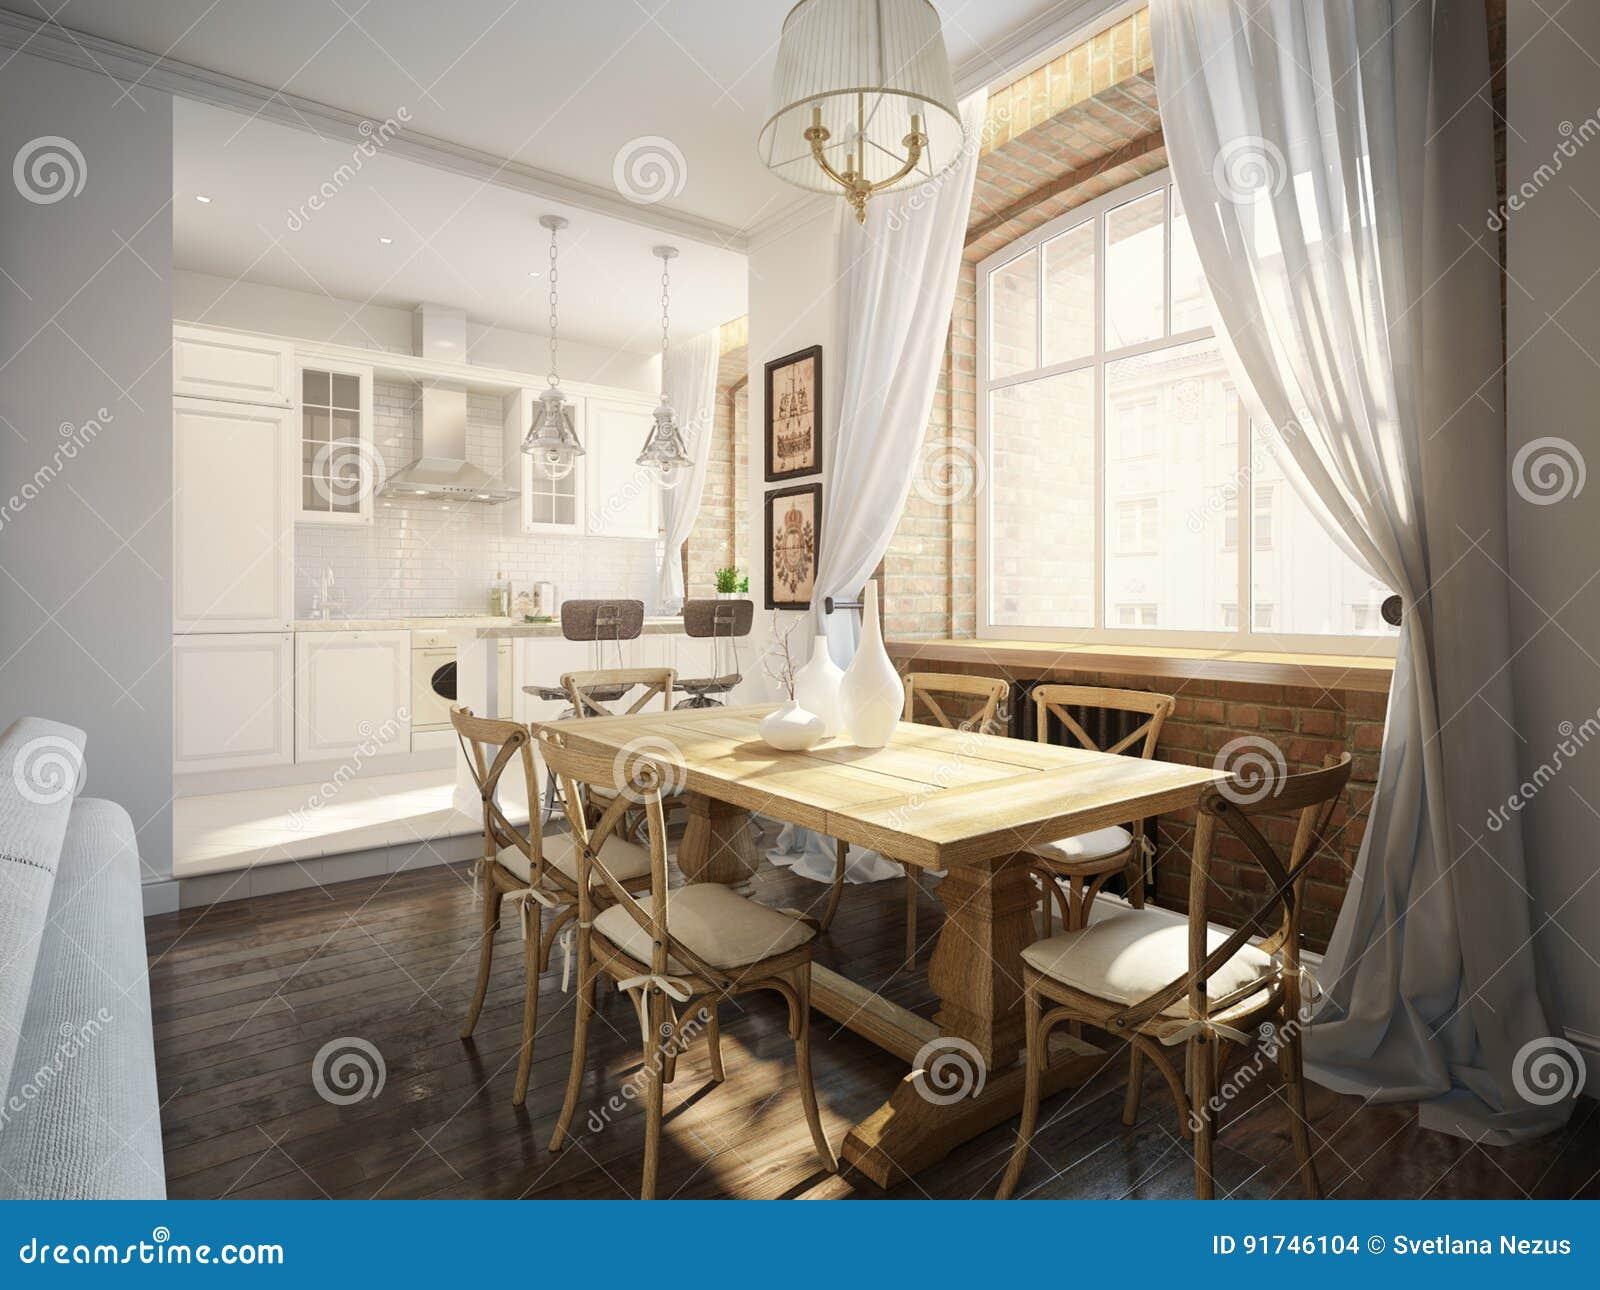 Sala Da Pranzo Classica Moderna.Sala Da Pranzo Tradizionale Classica Moderna E Cucina Bianca